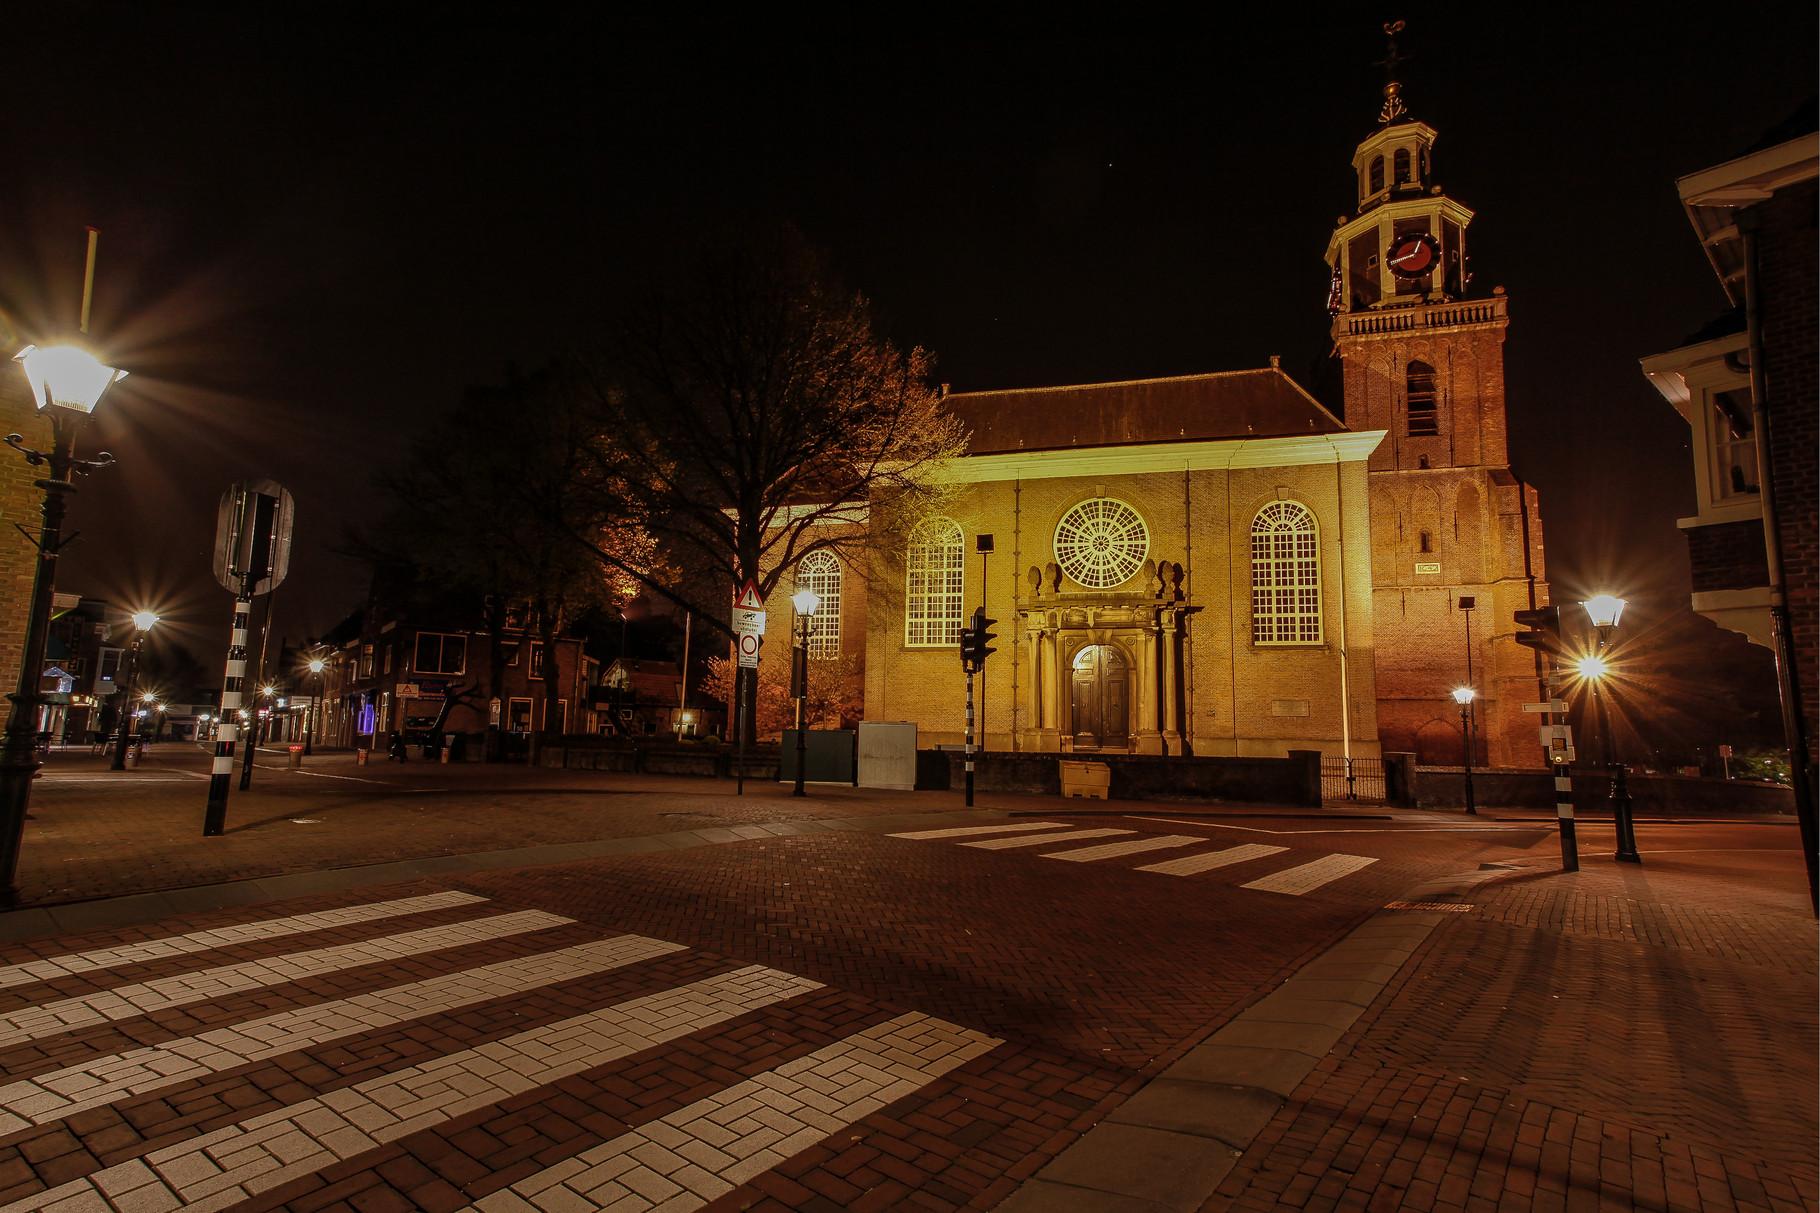 Nachtfoto Dorpsstraat Zoetermeer - DOKOE Fotografie